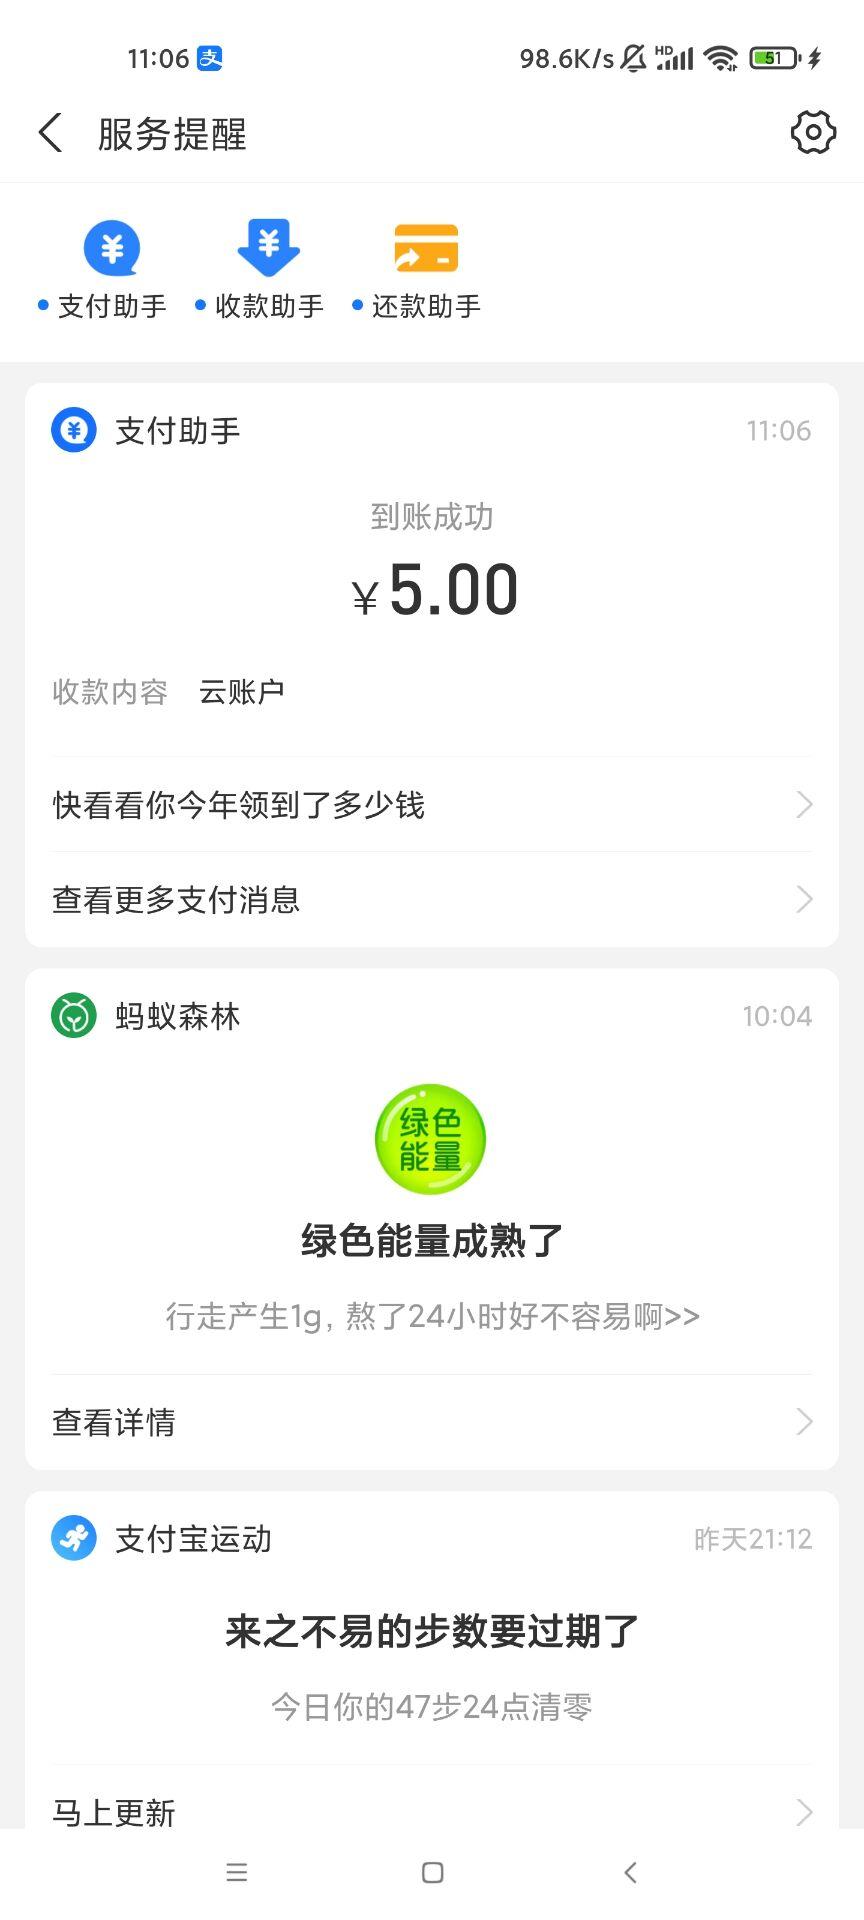 【现金红包】转优新用户5元(需实名认证)插图6